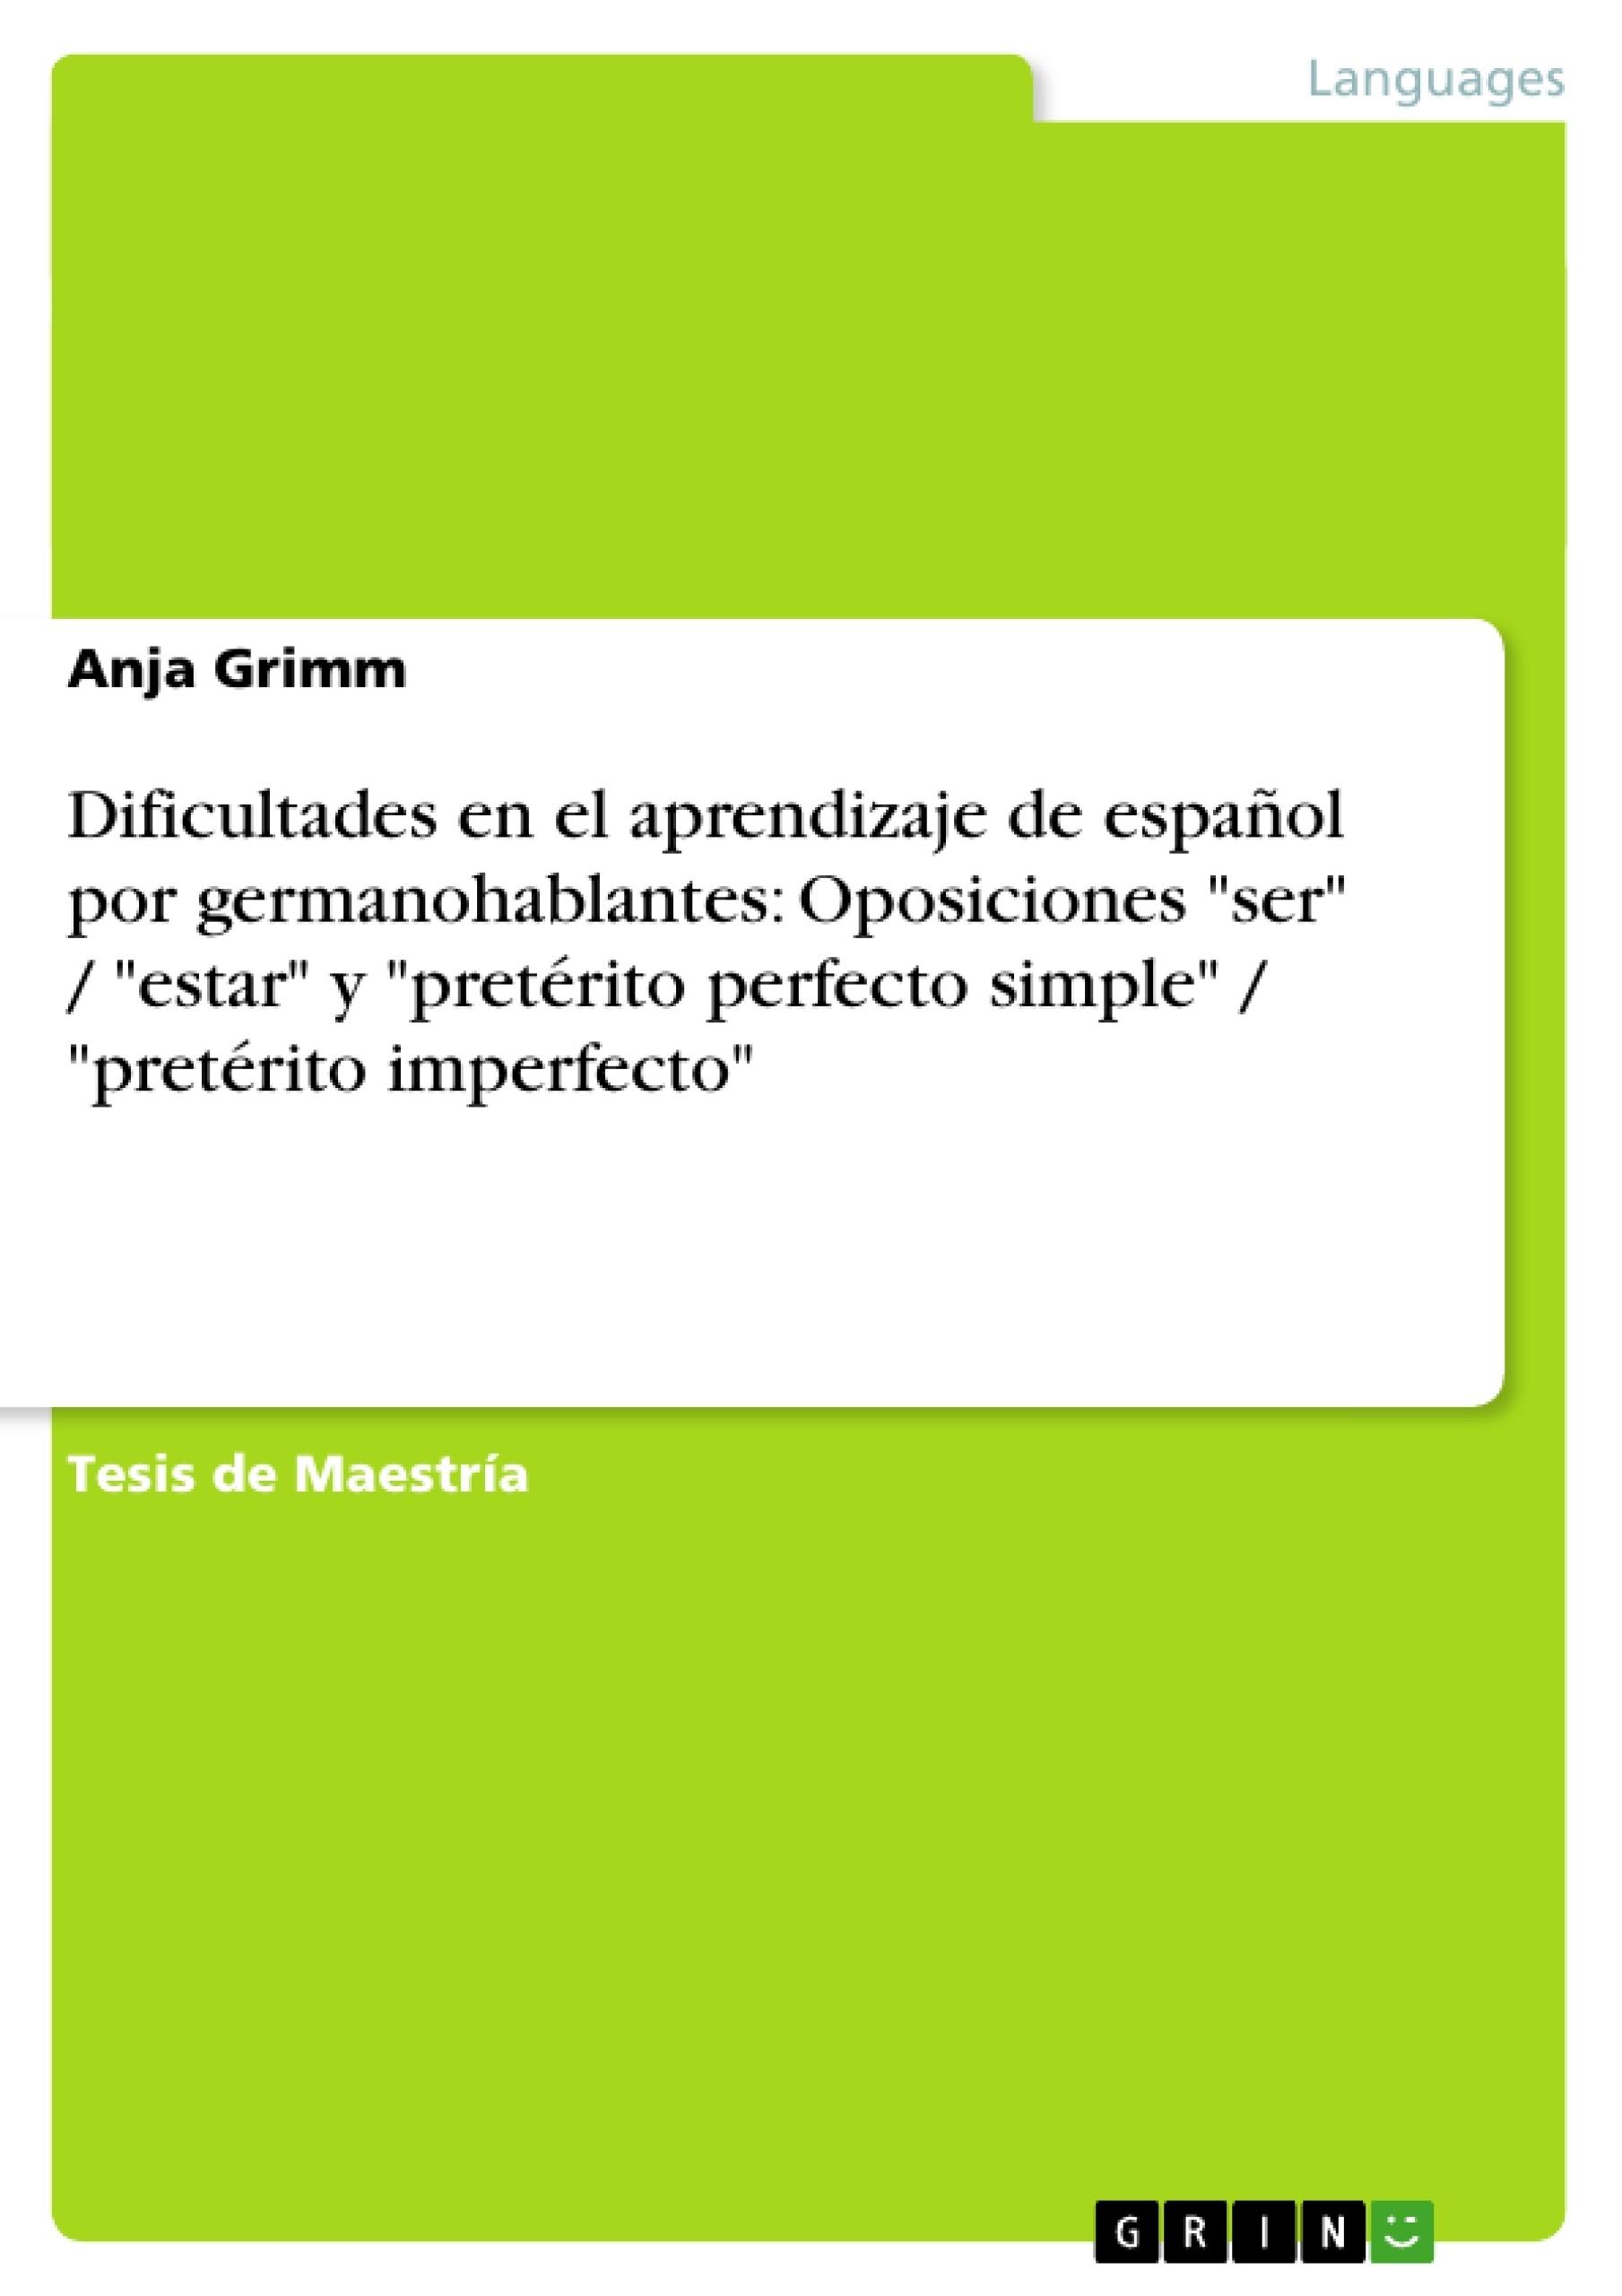 """Título: Dificultades en el aprendizaje de español  por germanohablantes:  Oposiciones """"ser"""" / """"estar"""" y  """"pretérito perfecto simple"""" / """"pretérito imperfecto"""""""